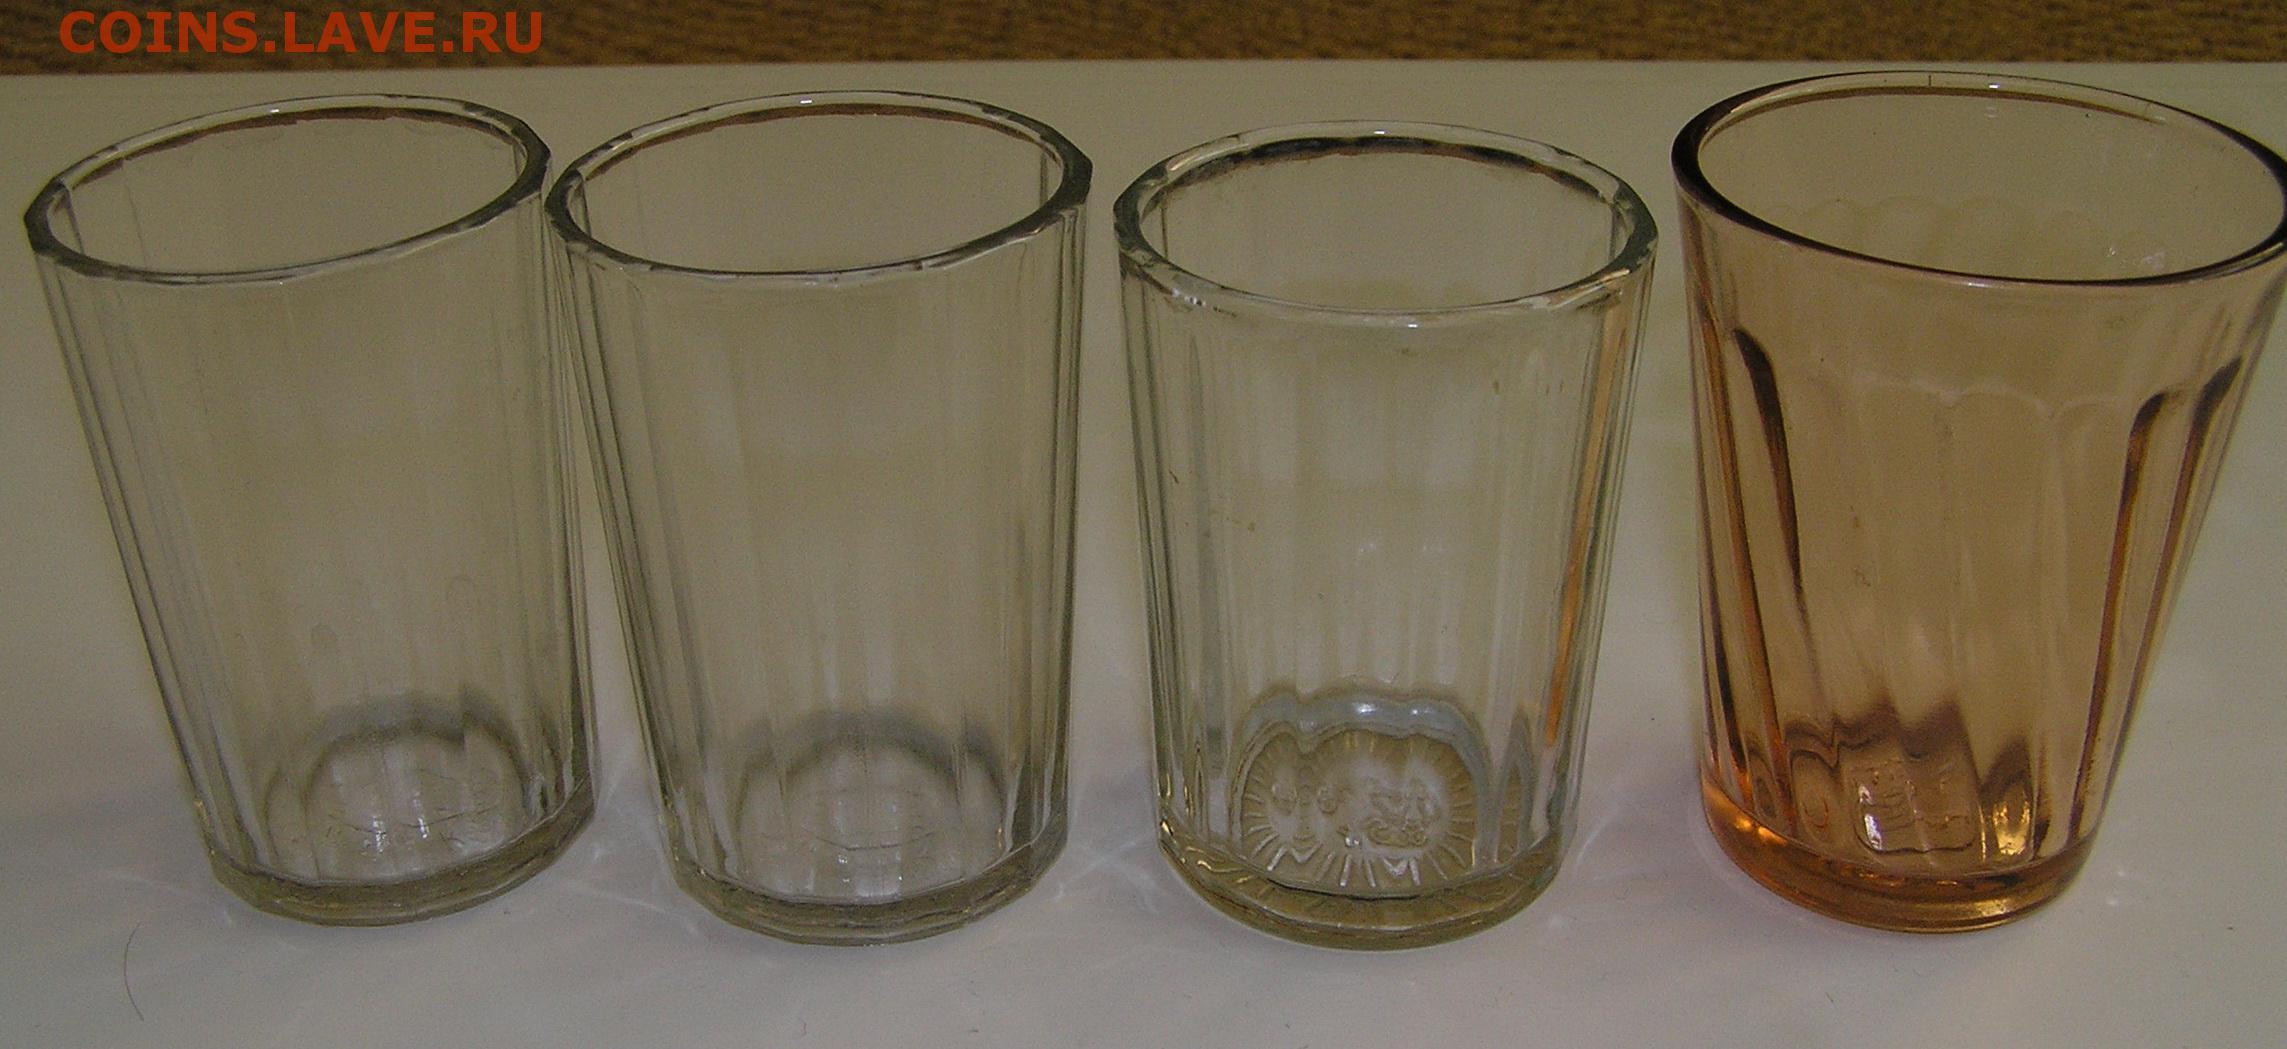 3 4 стакана фото